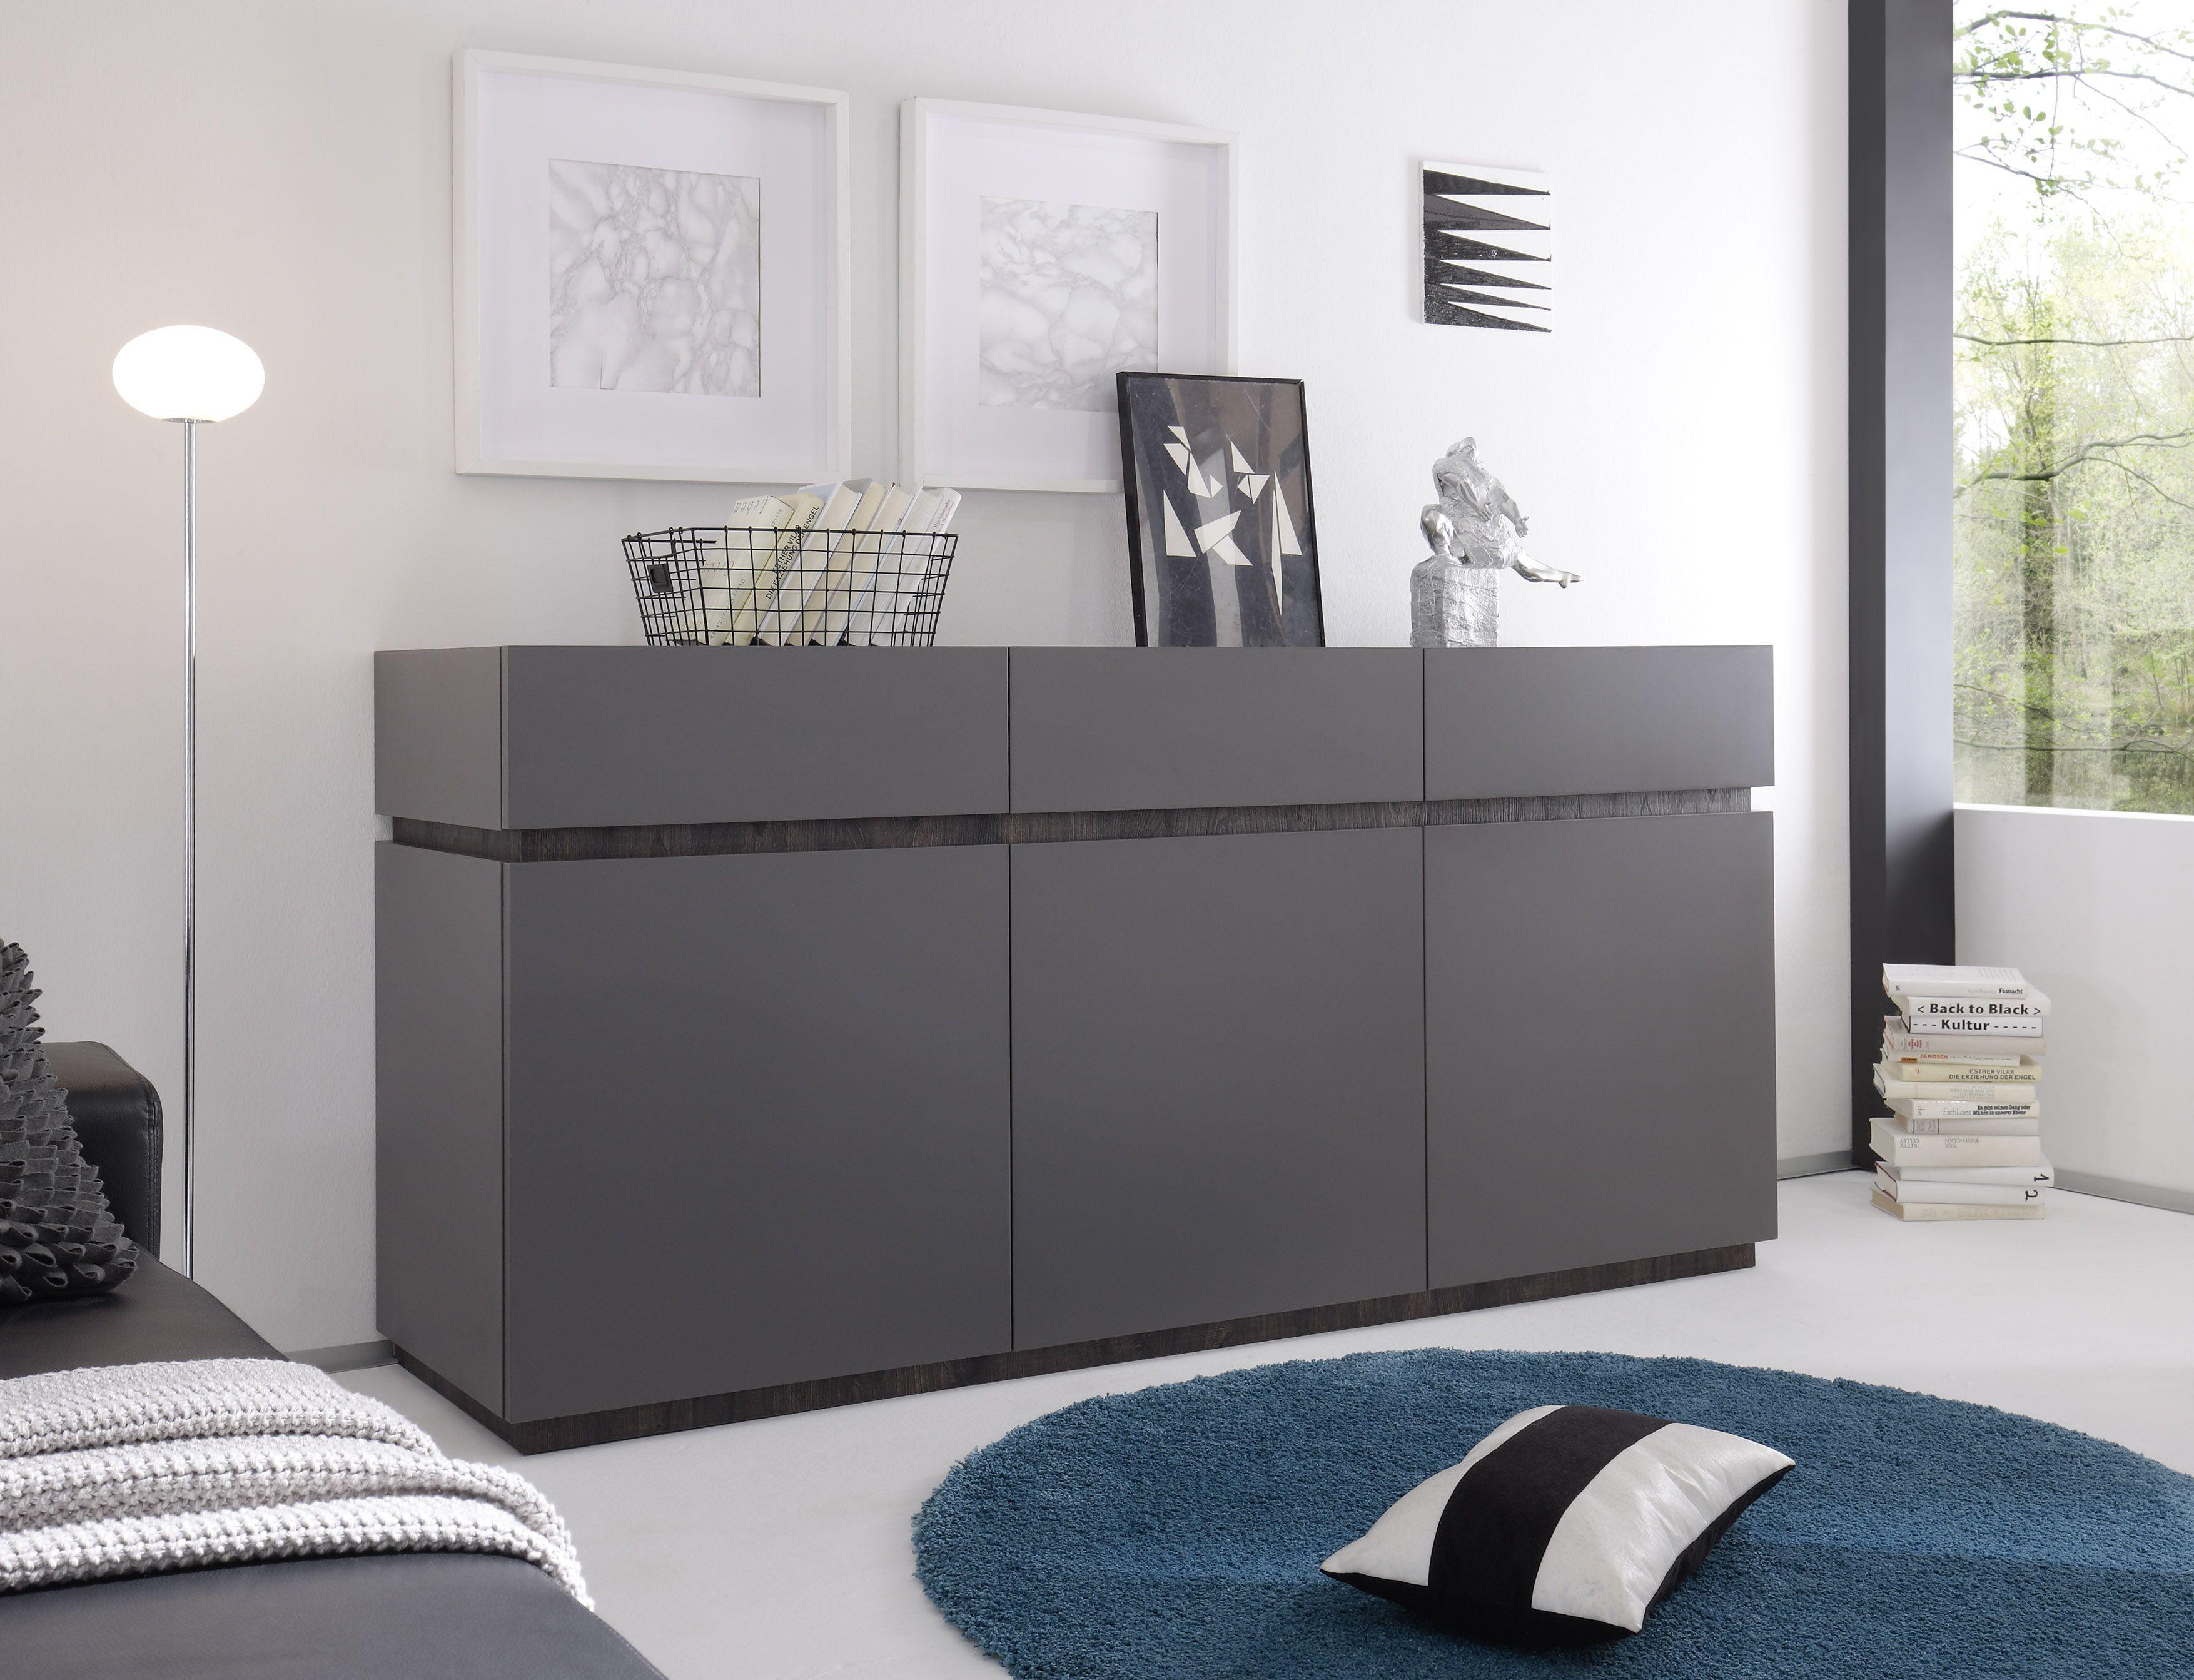 Sideboard Anthrazit/ Wenge Woody 12 01064 Holz Modern Jetzt Bestellen  Unter: Https: